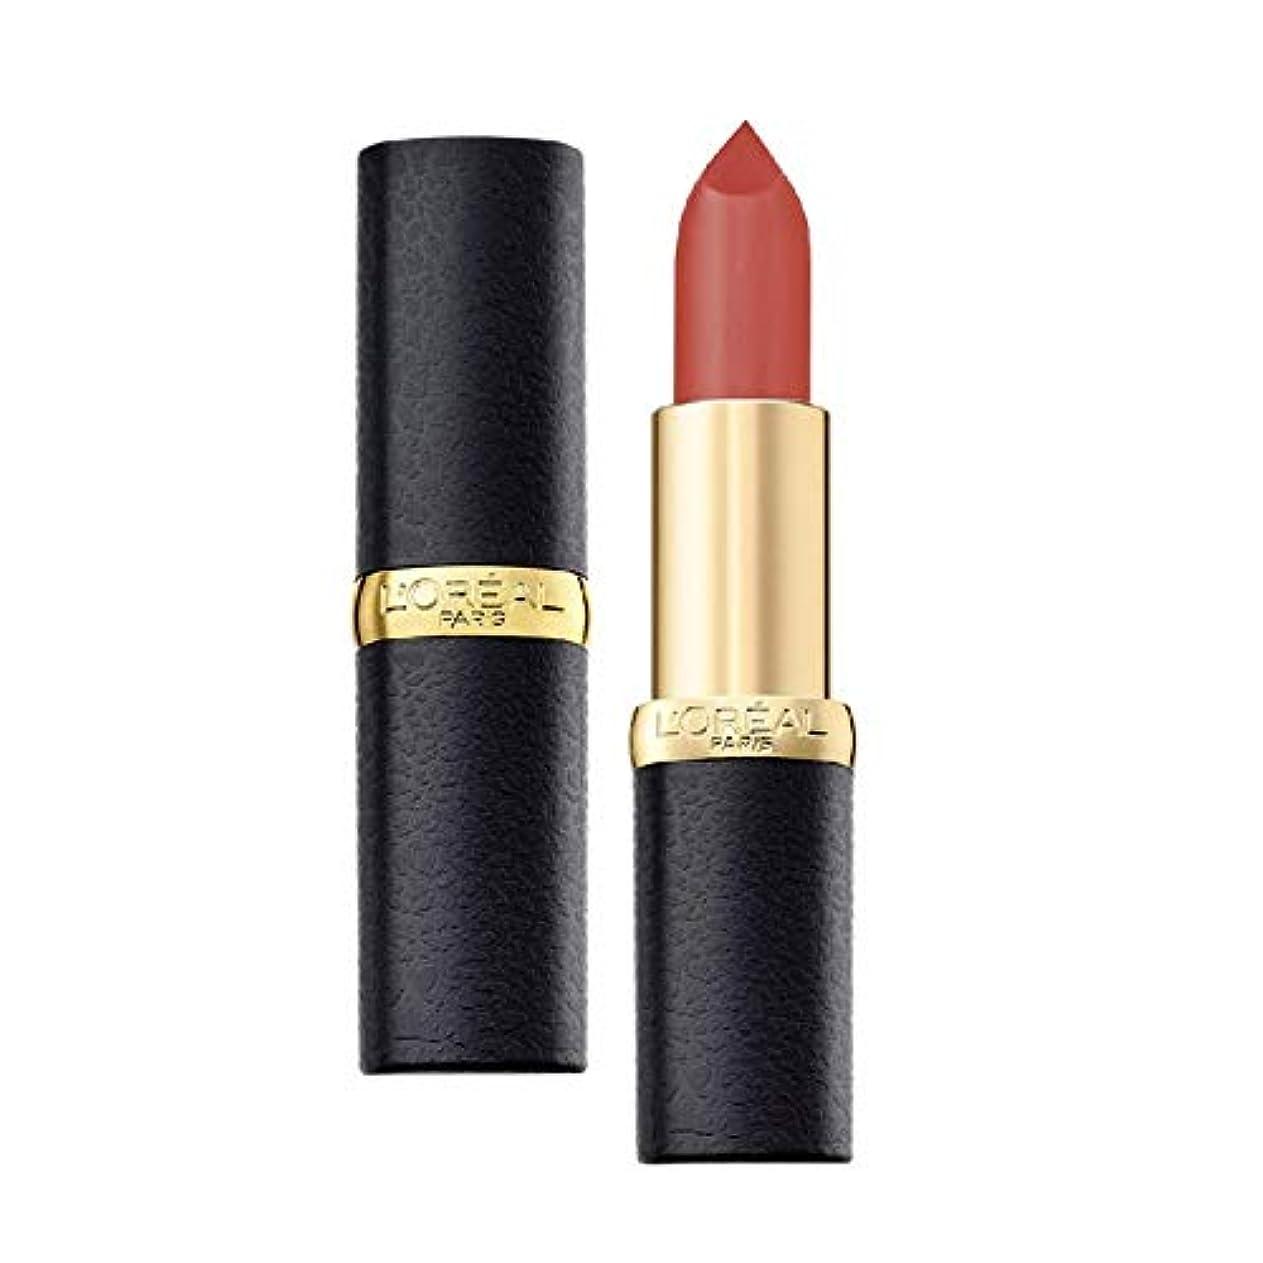 修道院現実的オーケストラL'Oreal Paris Color Riche Moist Matte Lipstick, 233 Rouge A Porter, 3.7g